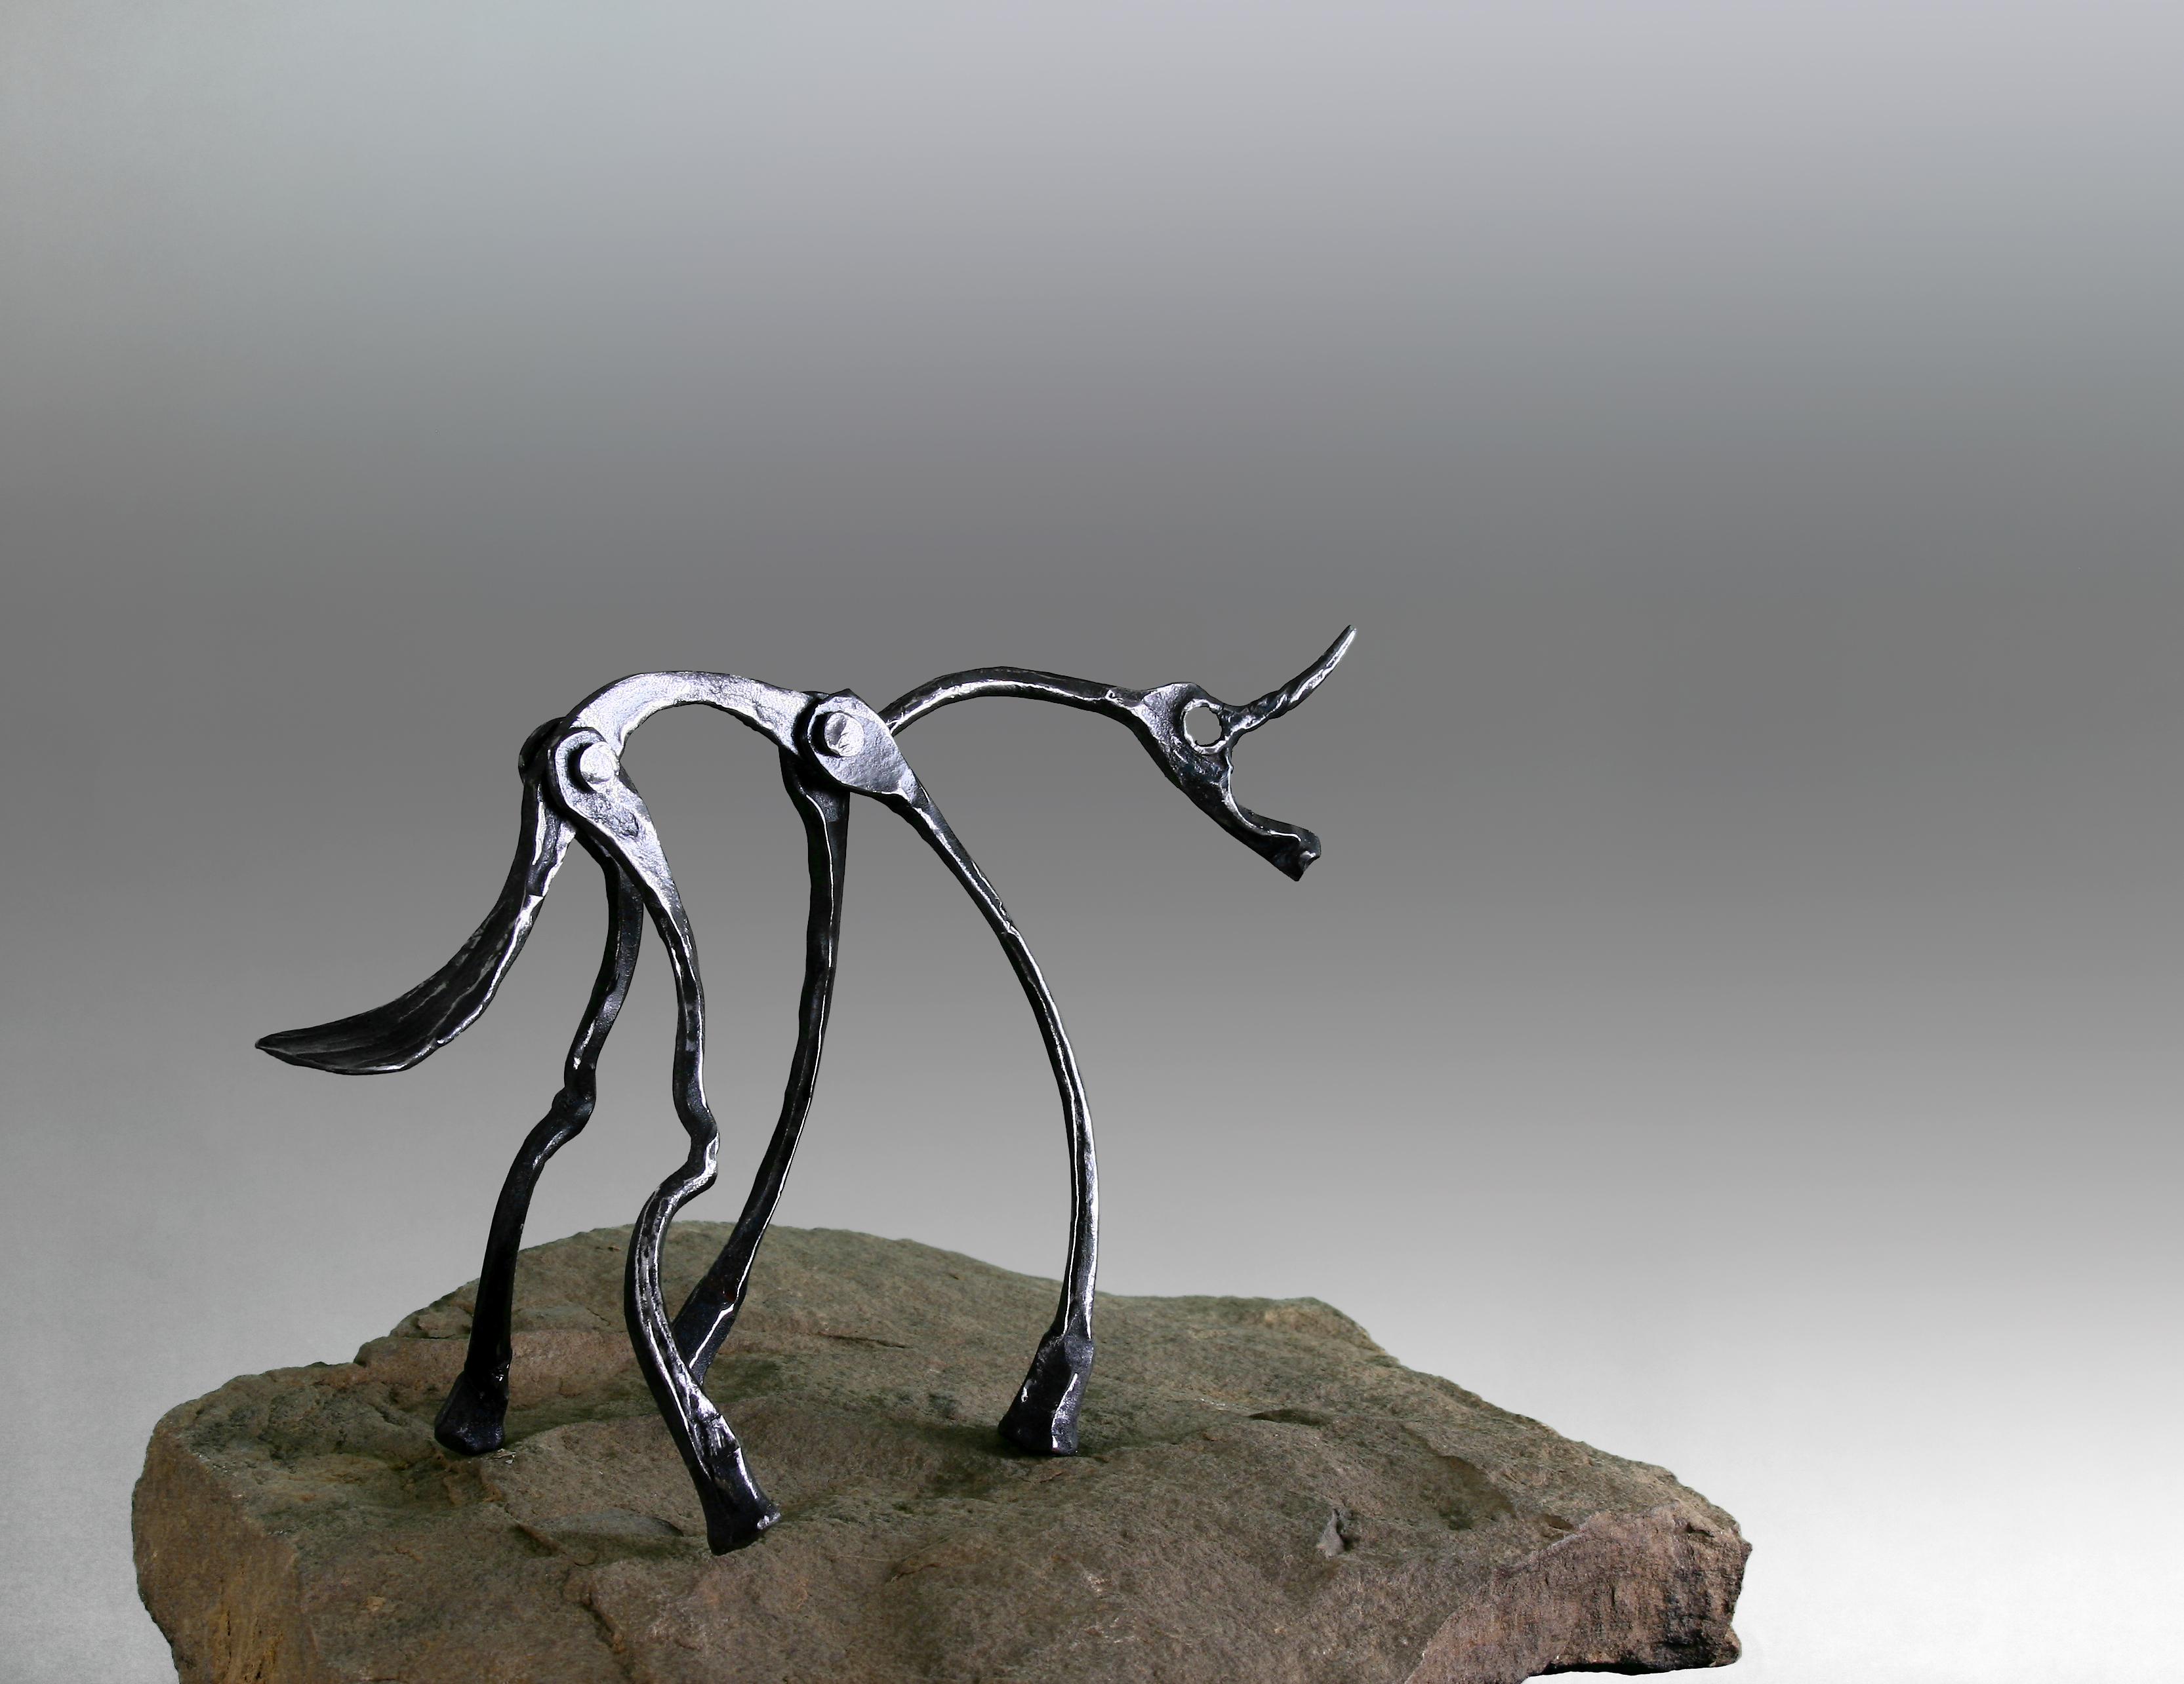 sculpture class project